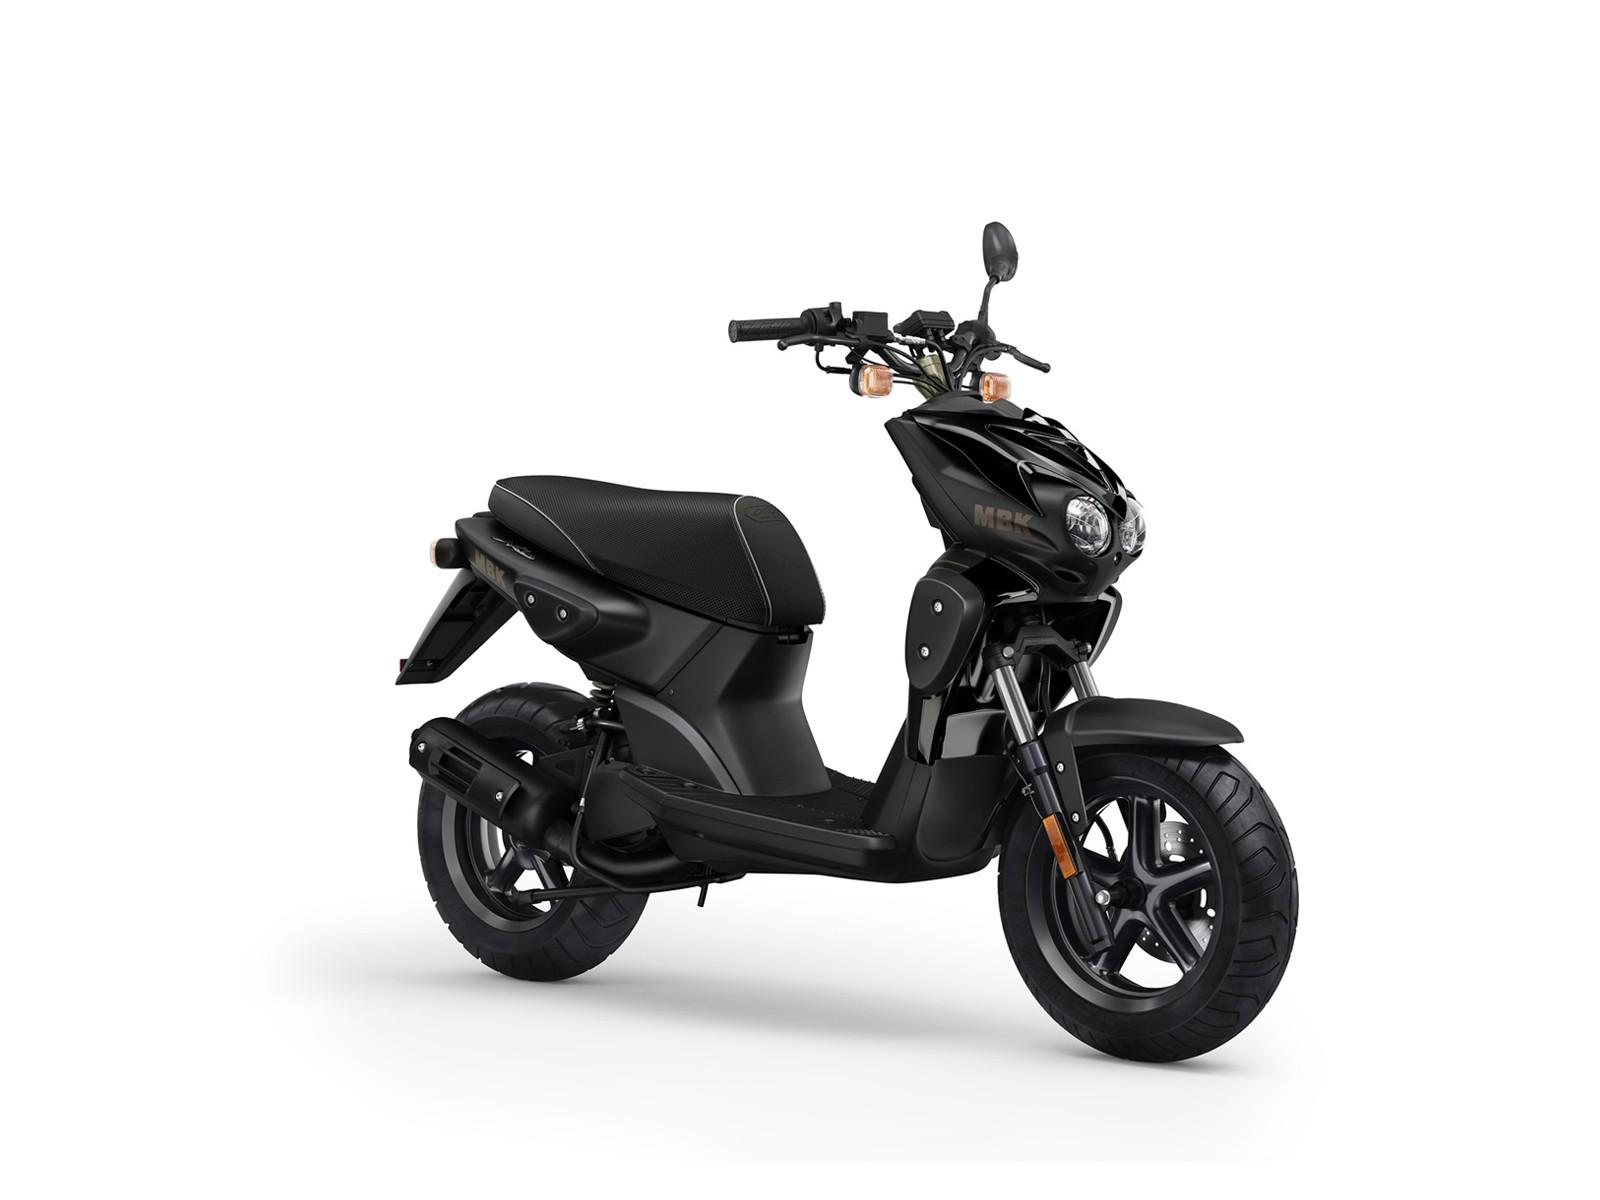 MBK Stunt Naked - Vente de scooters neufs et occasion dans